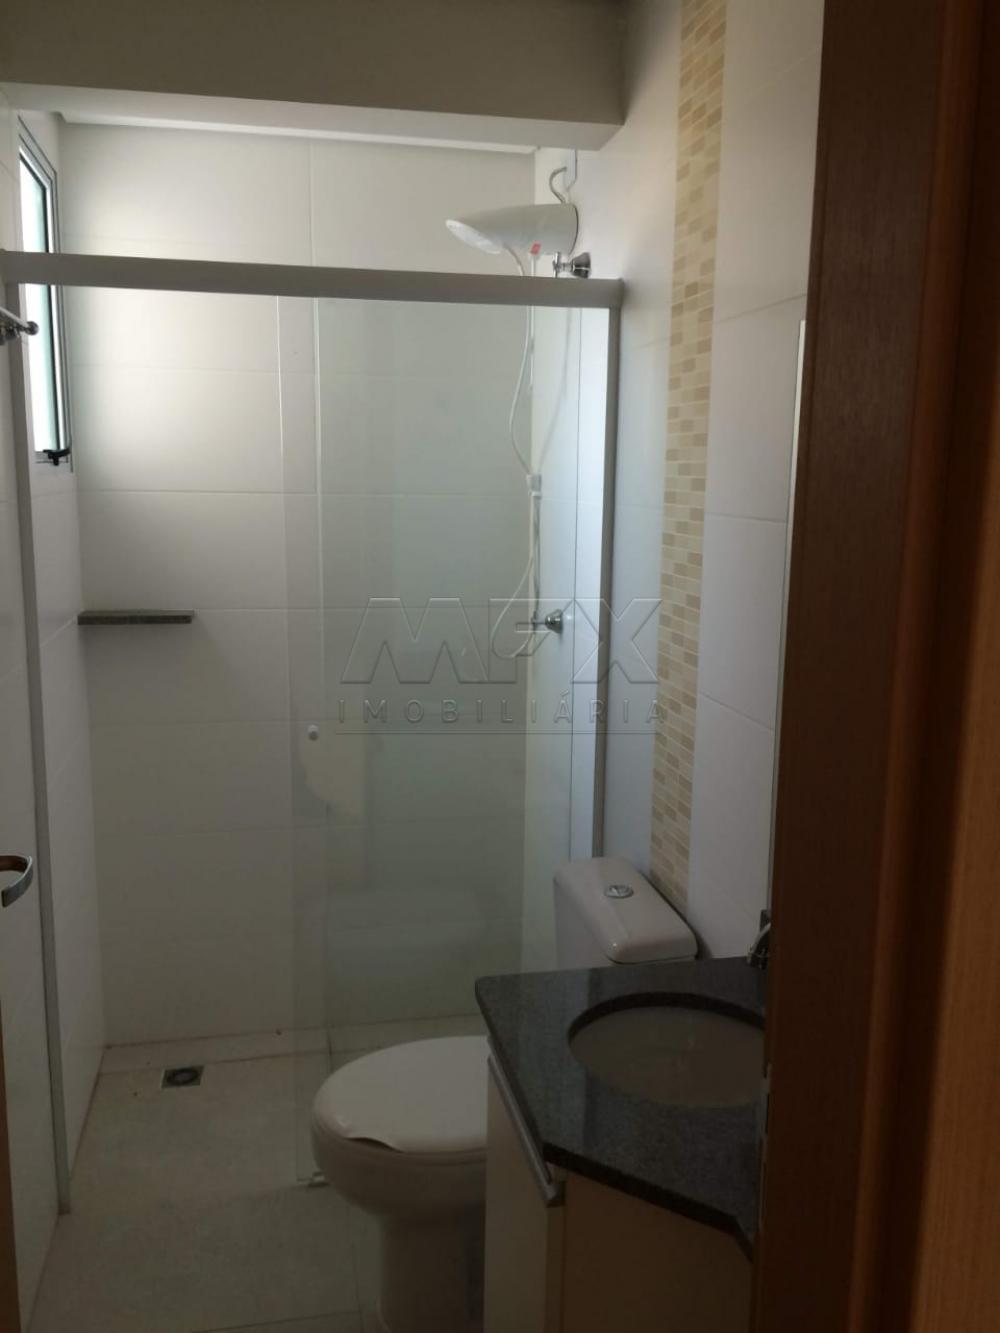 Comprar Apartamento / Padrão em Bauru apenas R$ 215.000,00 - Foto 9